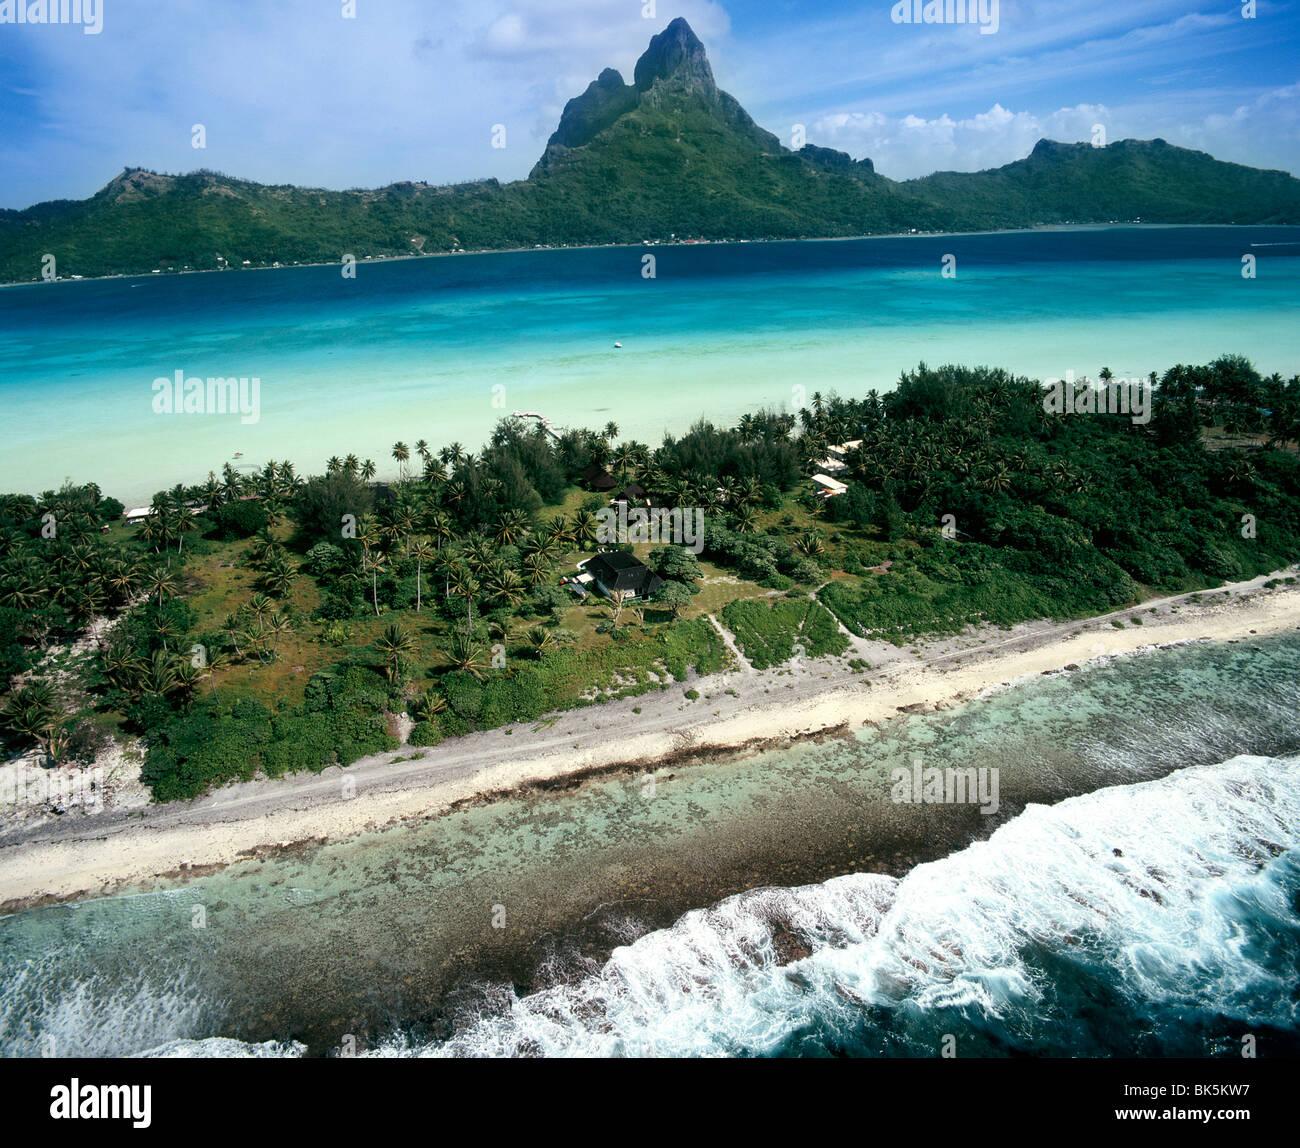 Bora Bora, îles de la société, Polynésie Française, Pacifique Sud, du Pacifique Photo Stock